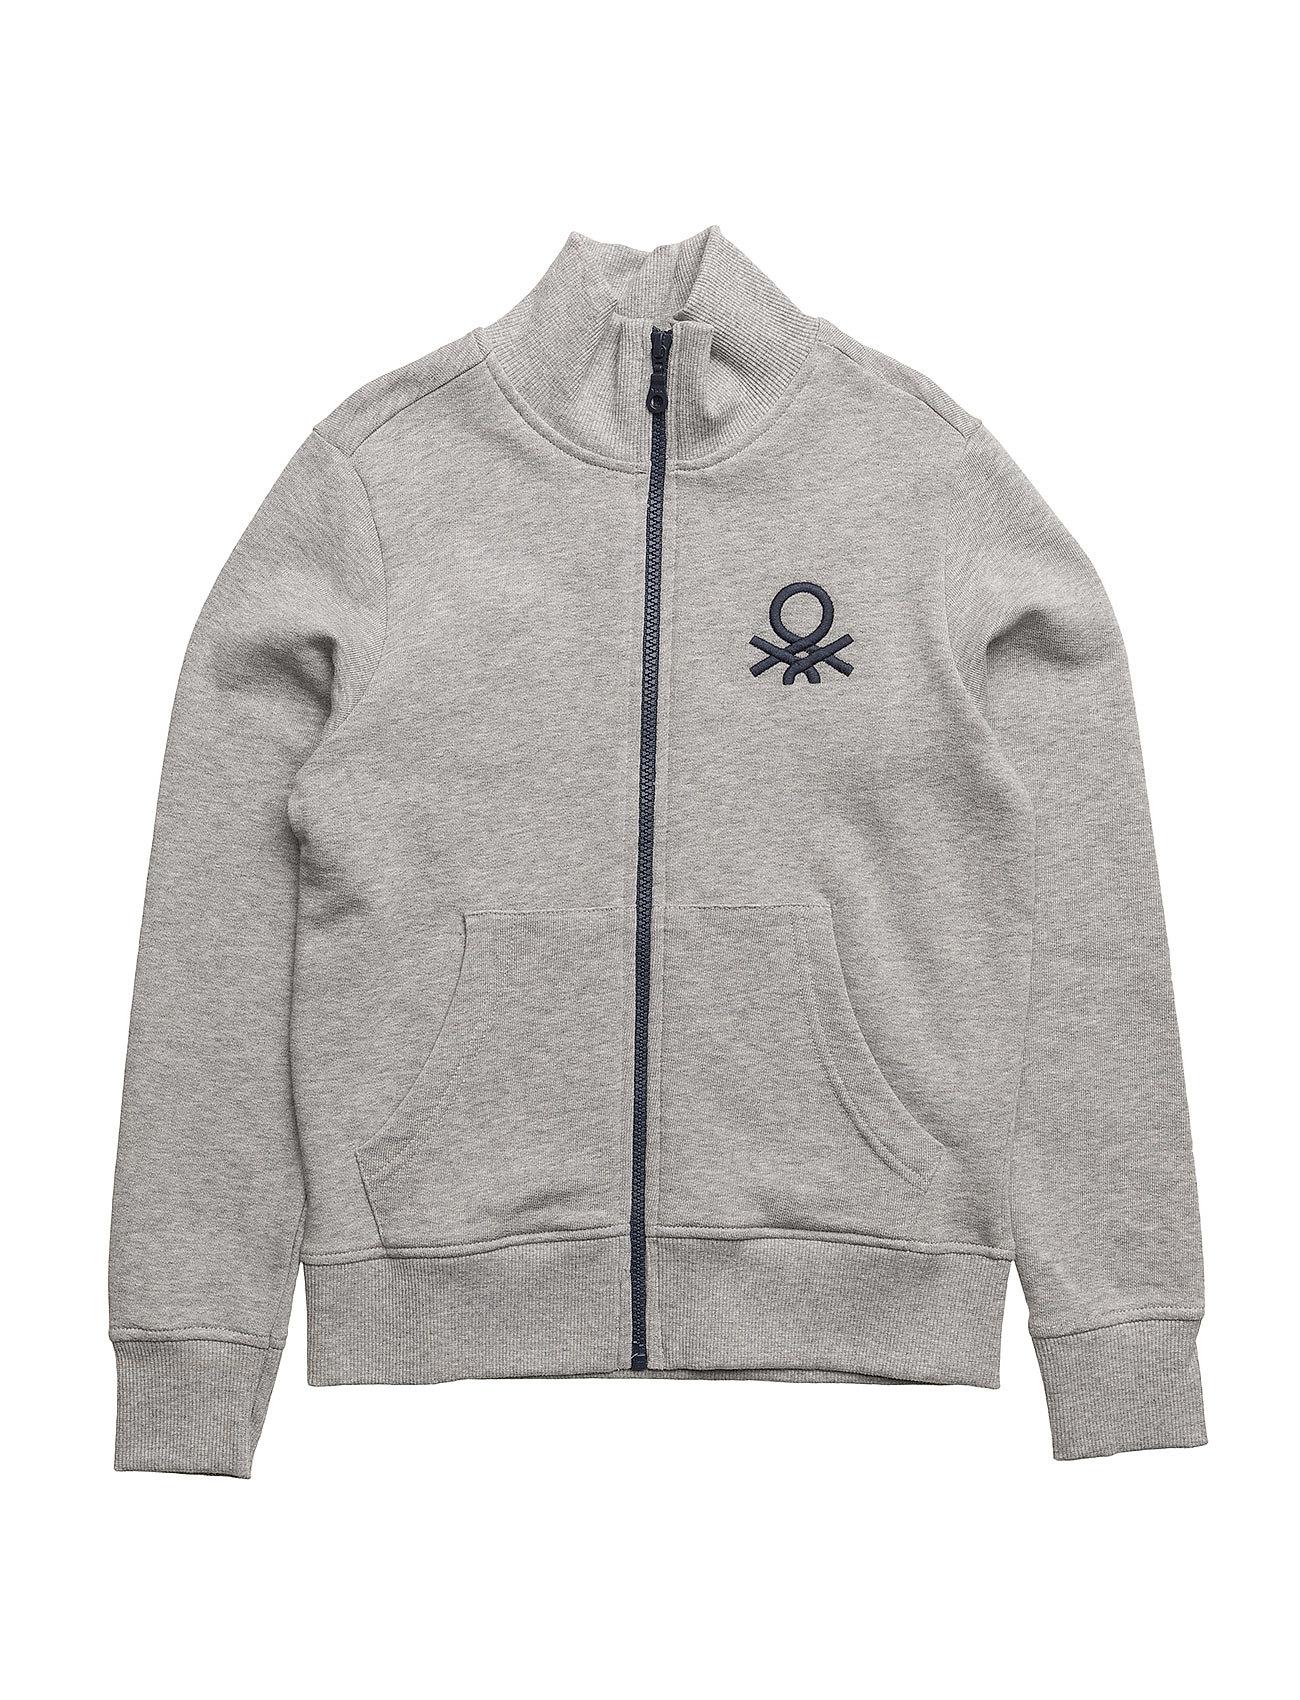 Image of Jacket (2962410613)